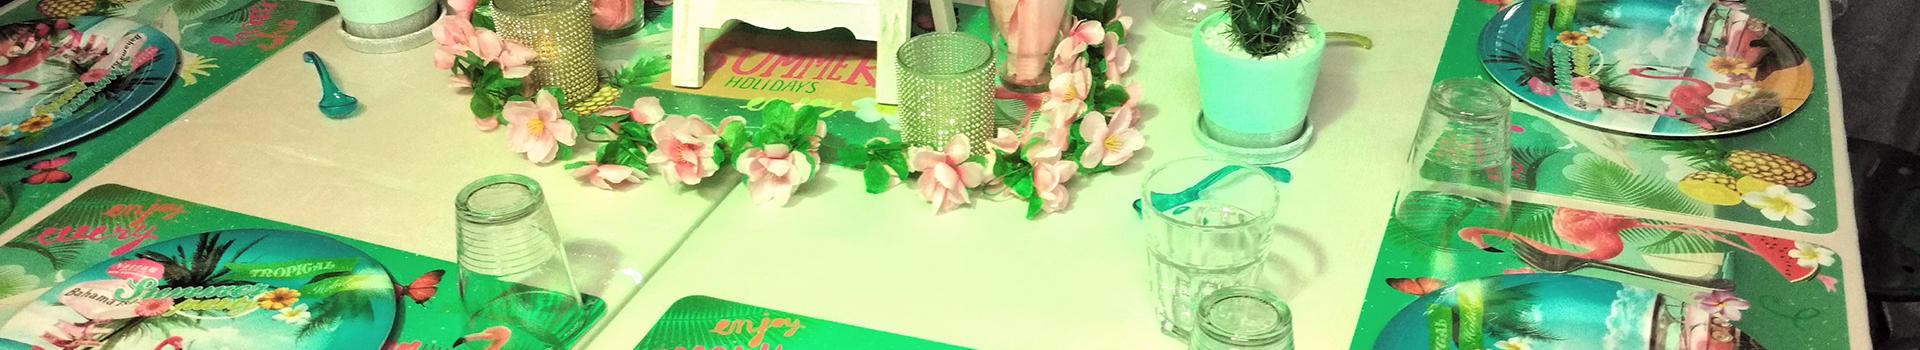 betaalbaar en leuk kinderfeestje met all-in prijs en online reserveren bij Star for a Moment